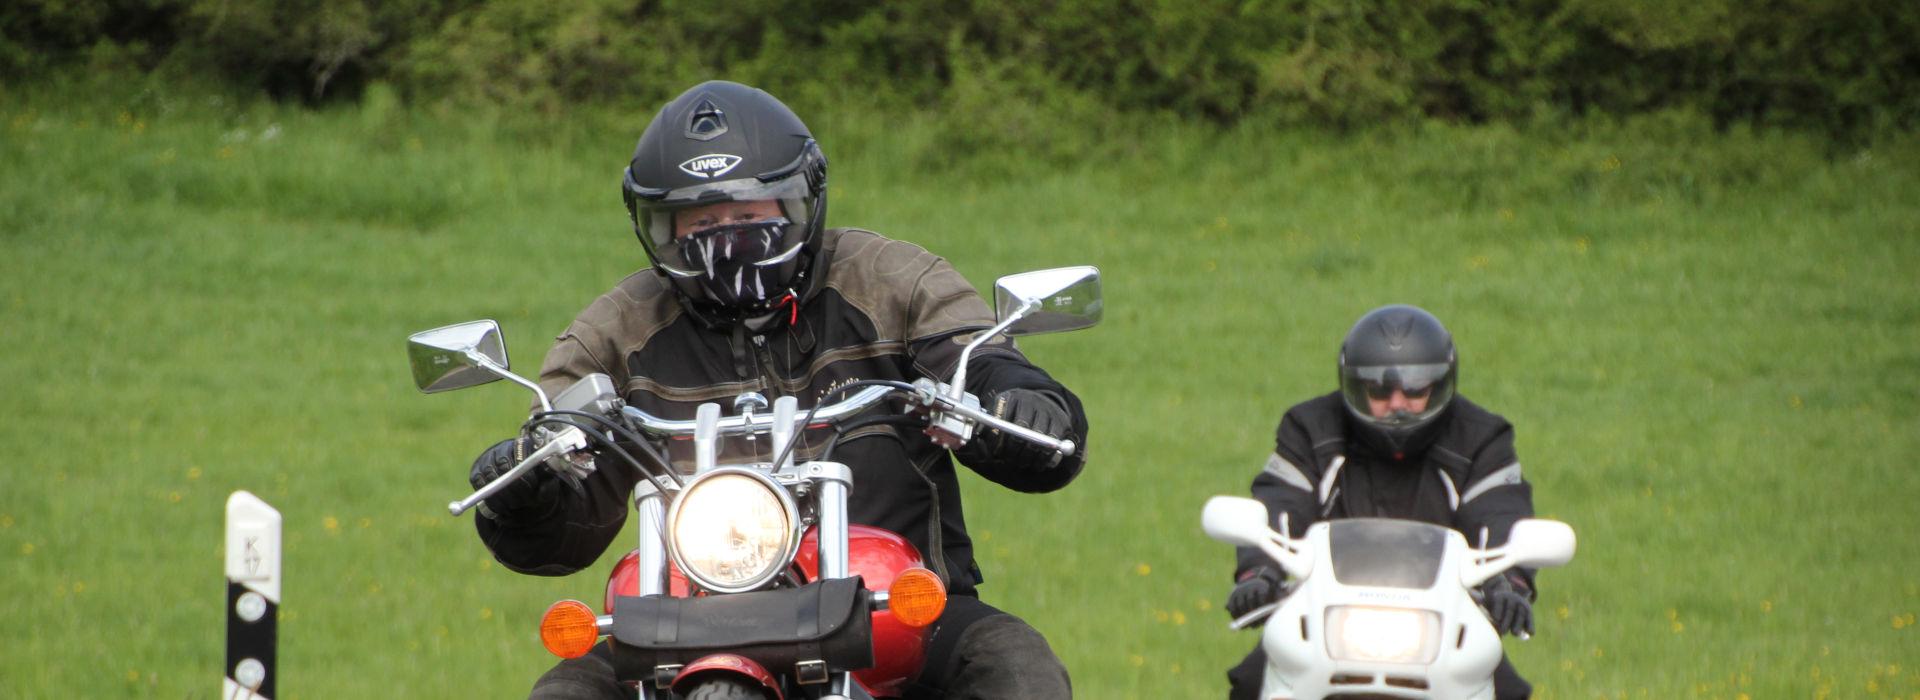 Motorrijbewijspoint Leidschendam motorrijlessen